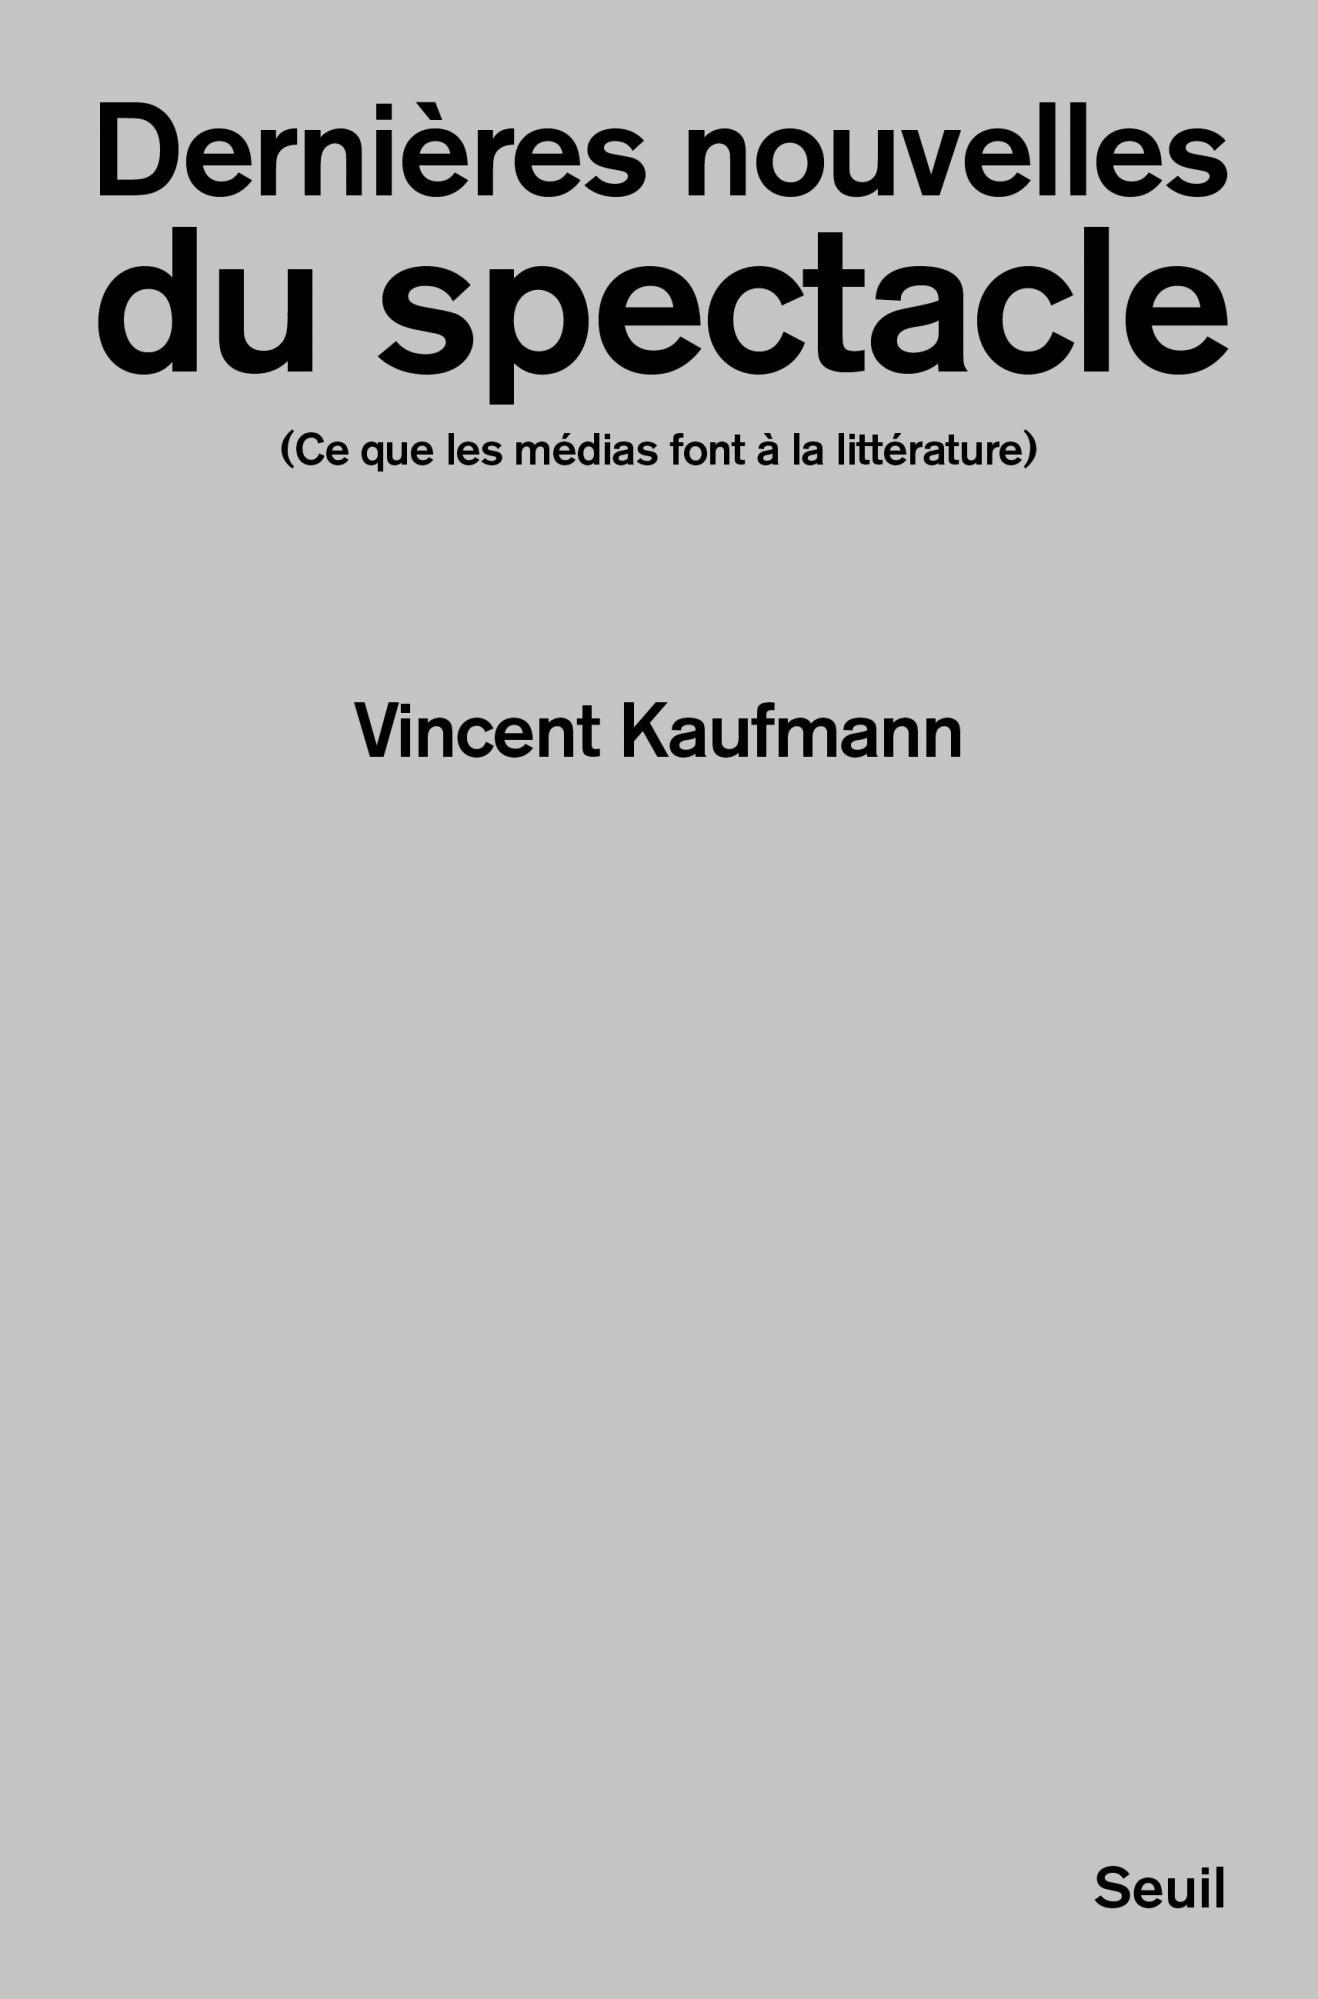 V. Kaufmann, Dernières Nouvelles du spectacle. Ce que les médias font à la littérature